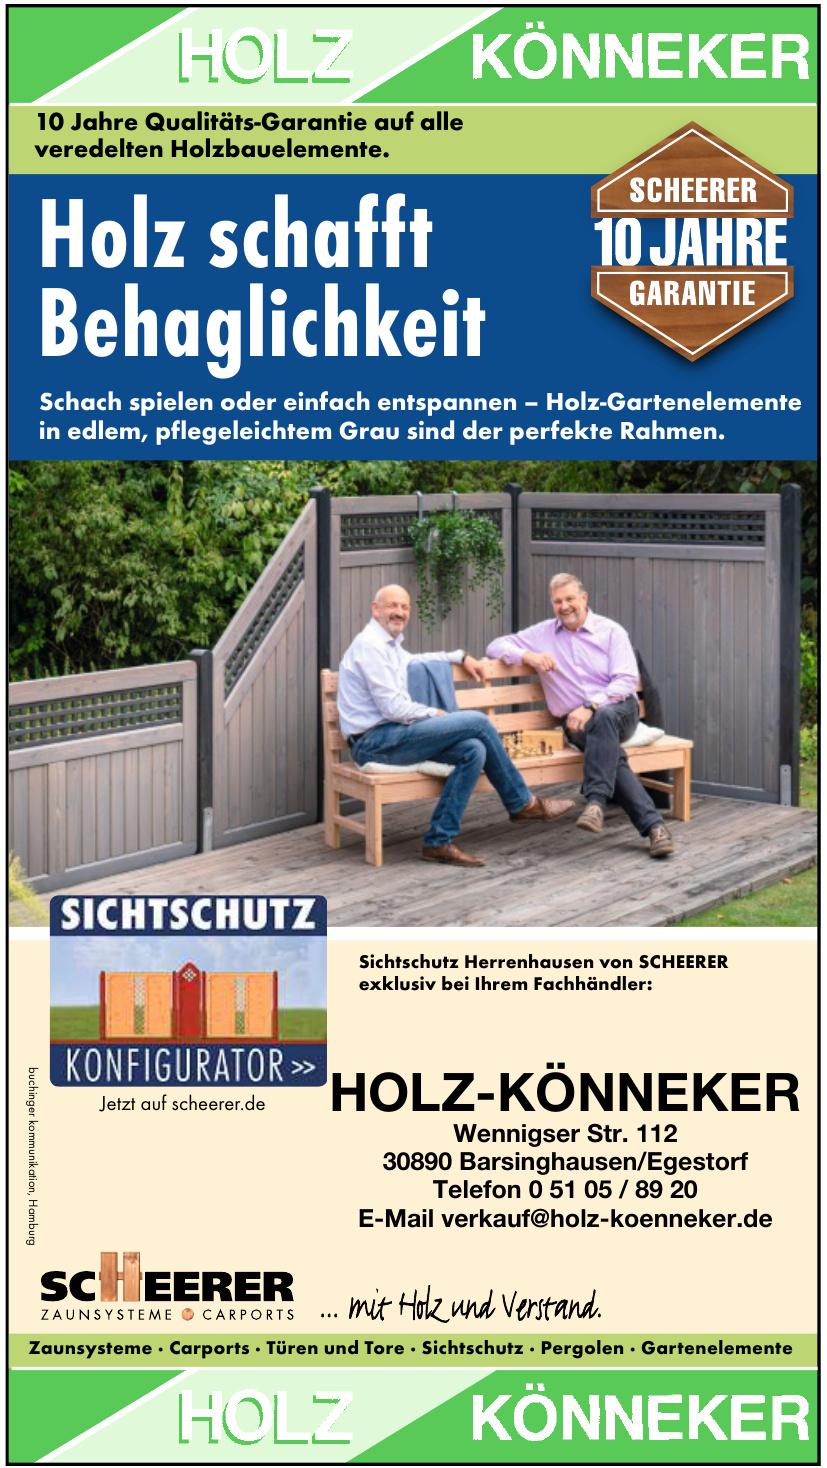 Holz-Könneker